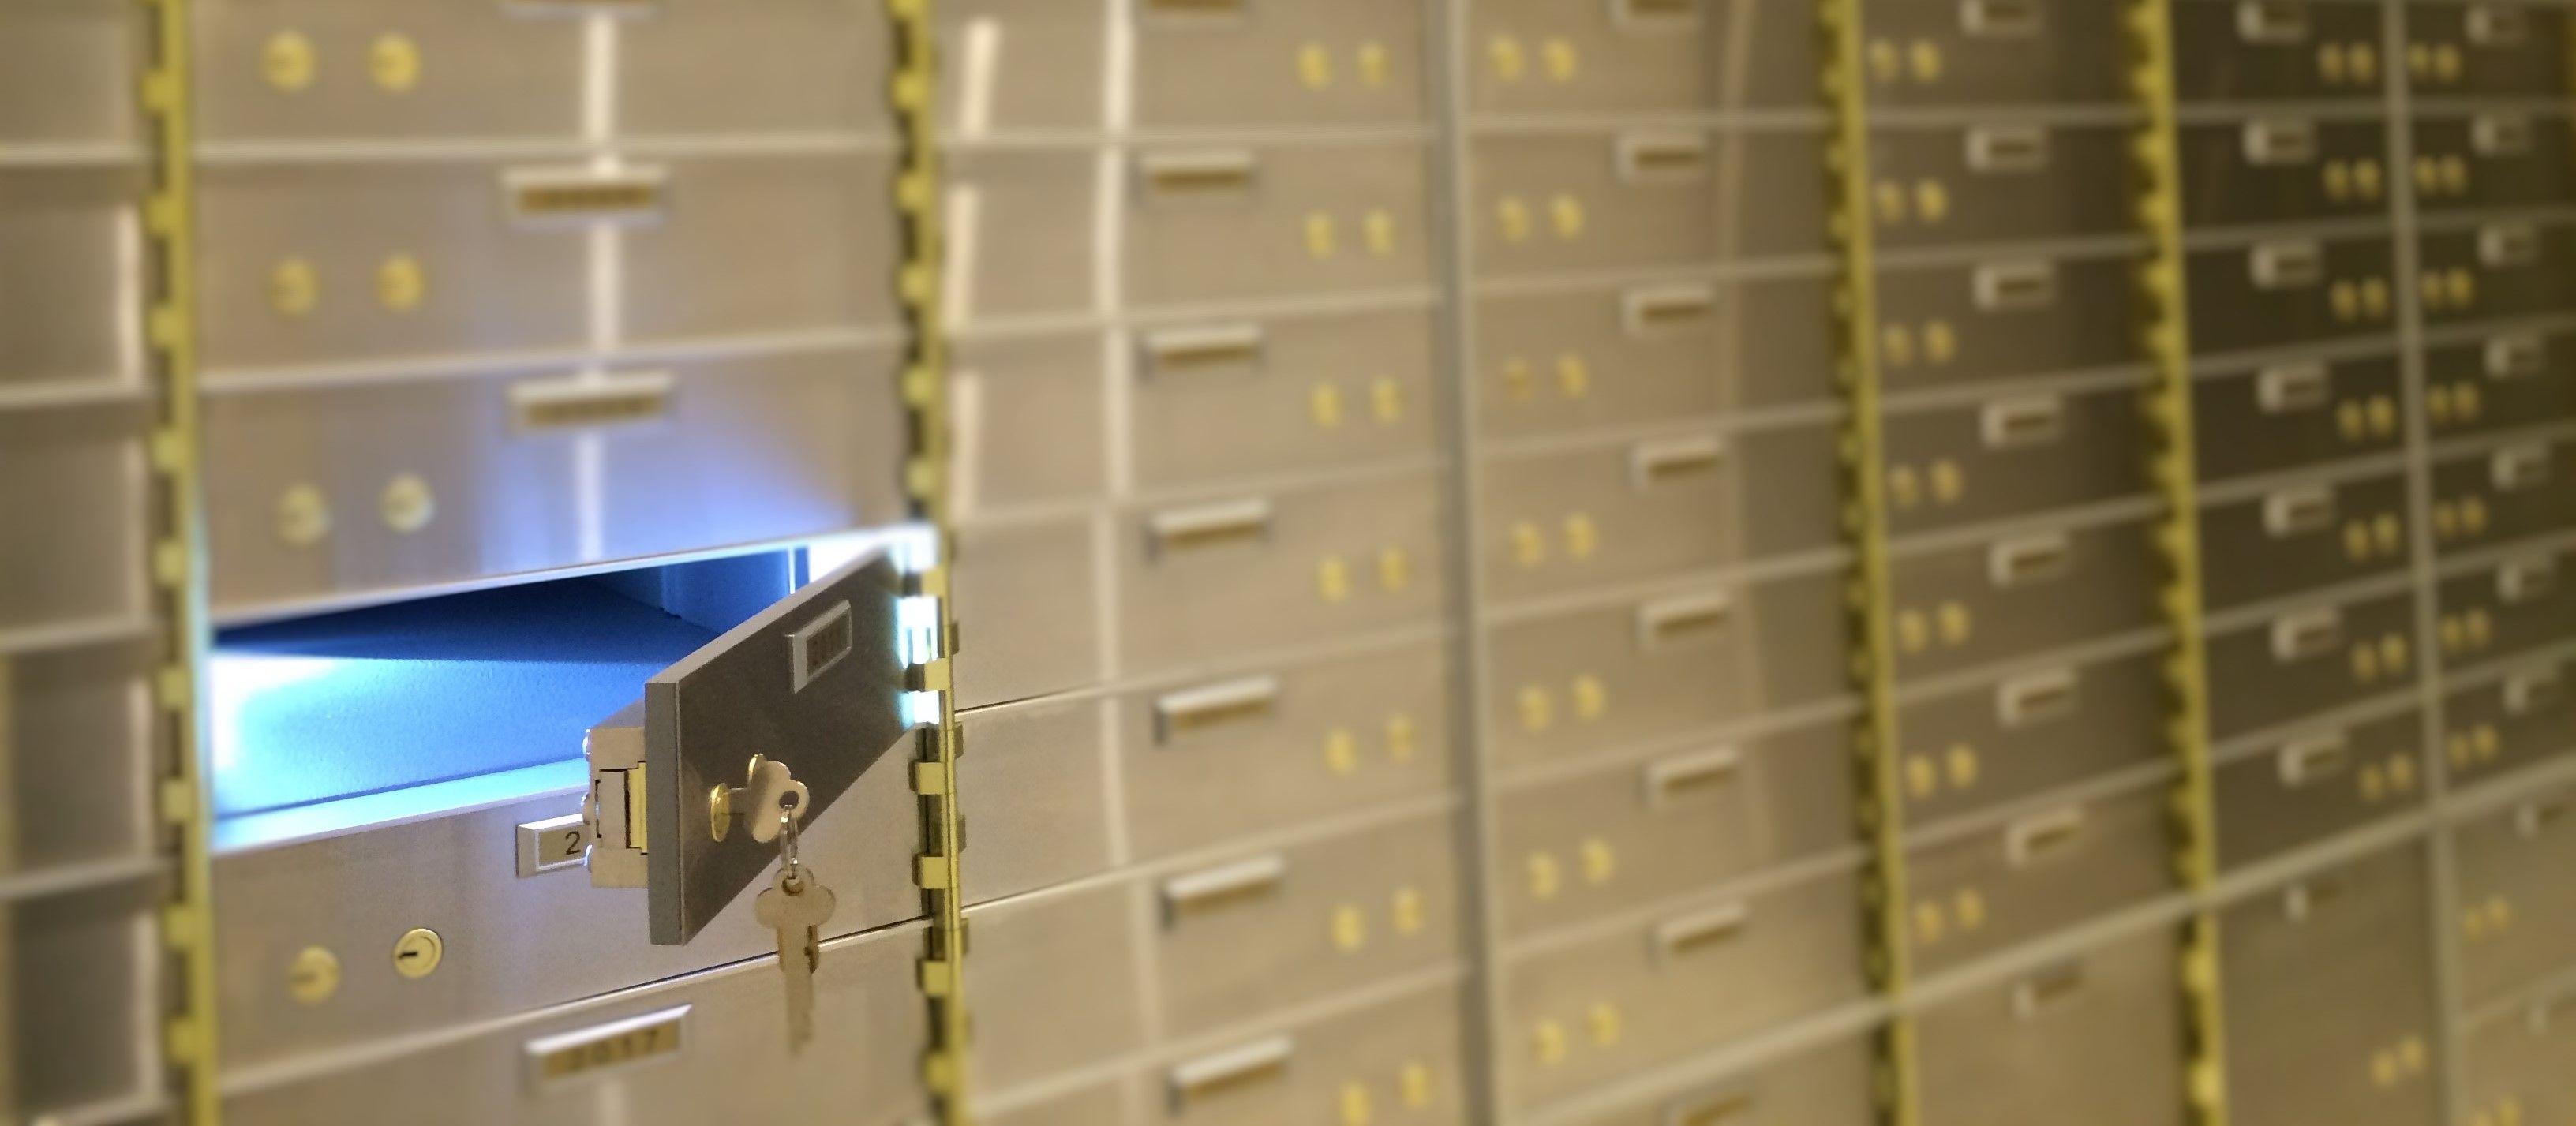 Securus Safe Deposit Lockers Safe deposit box, Deposit